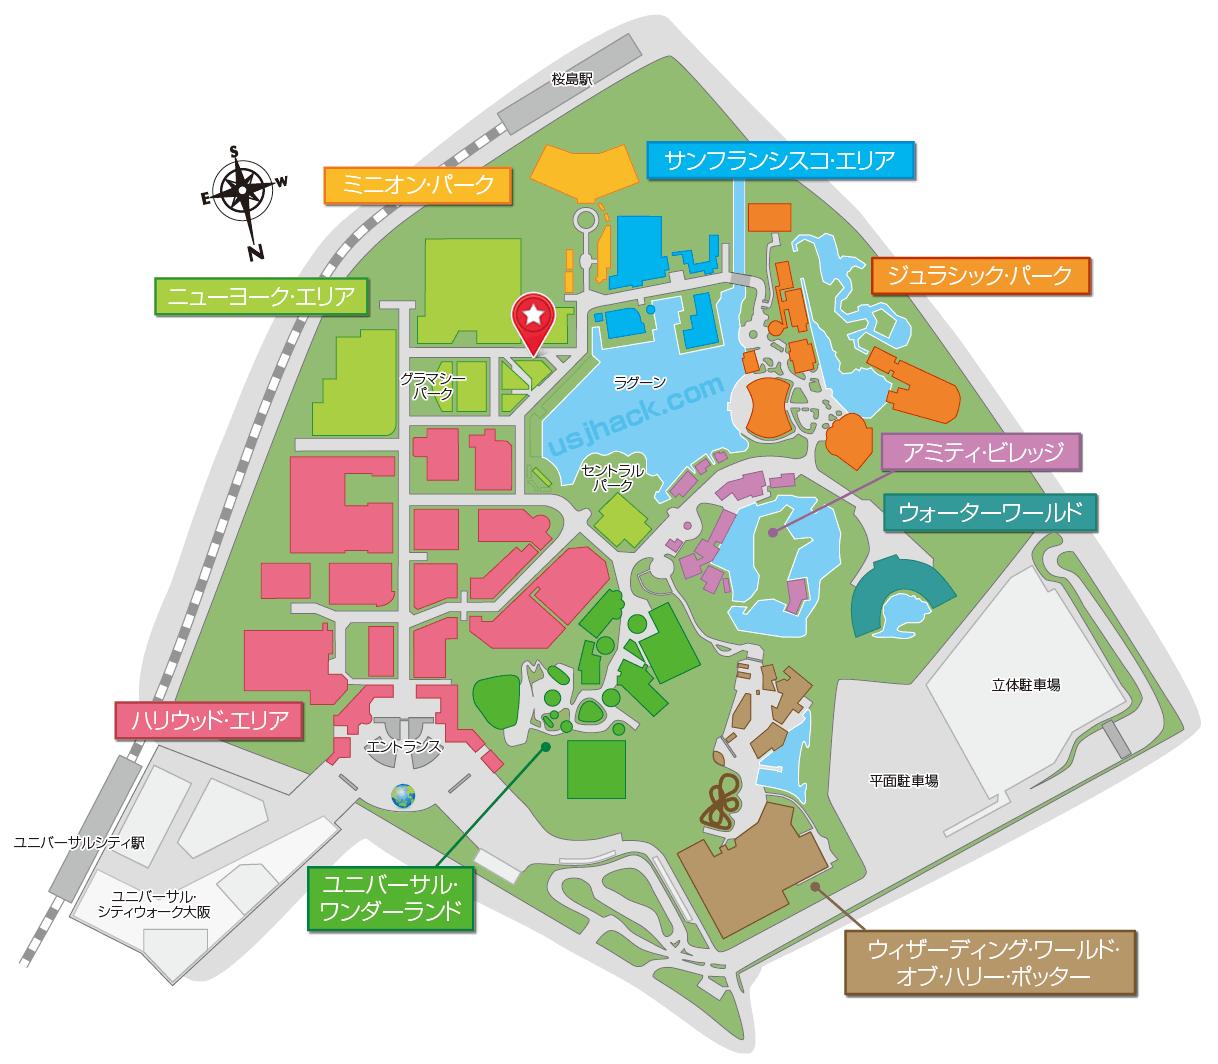 マップで確認するヴァイオリントリオ2017の開催場所